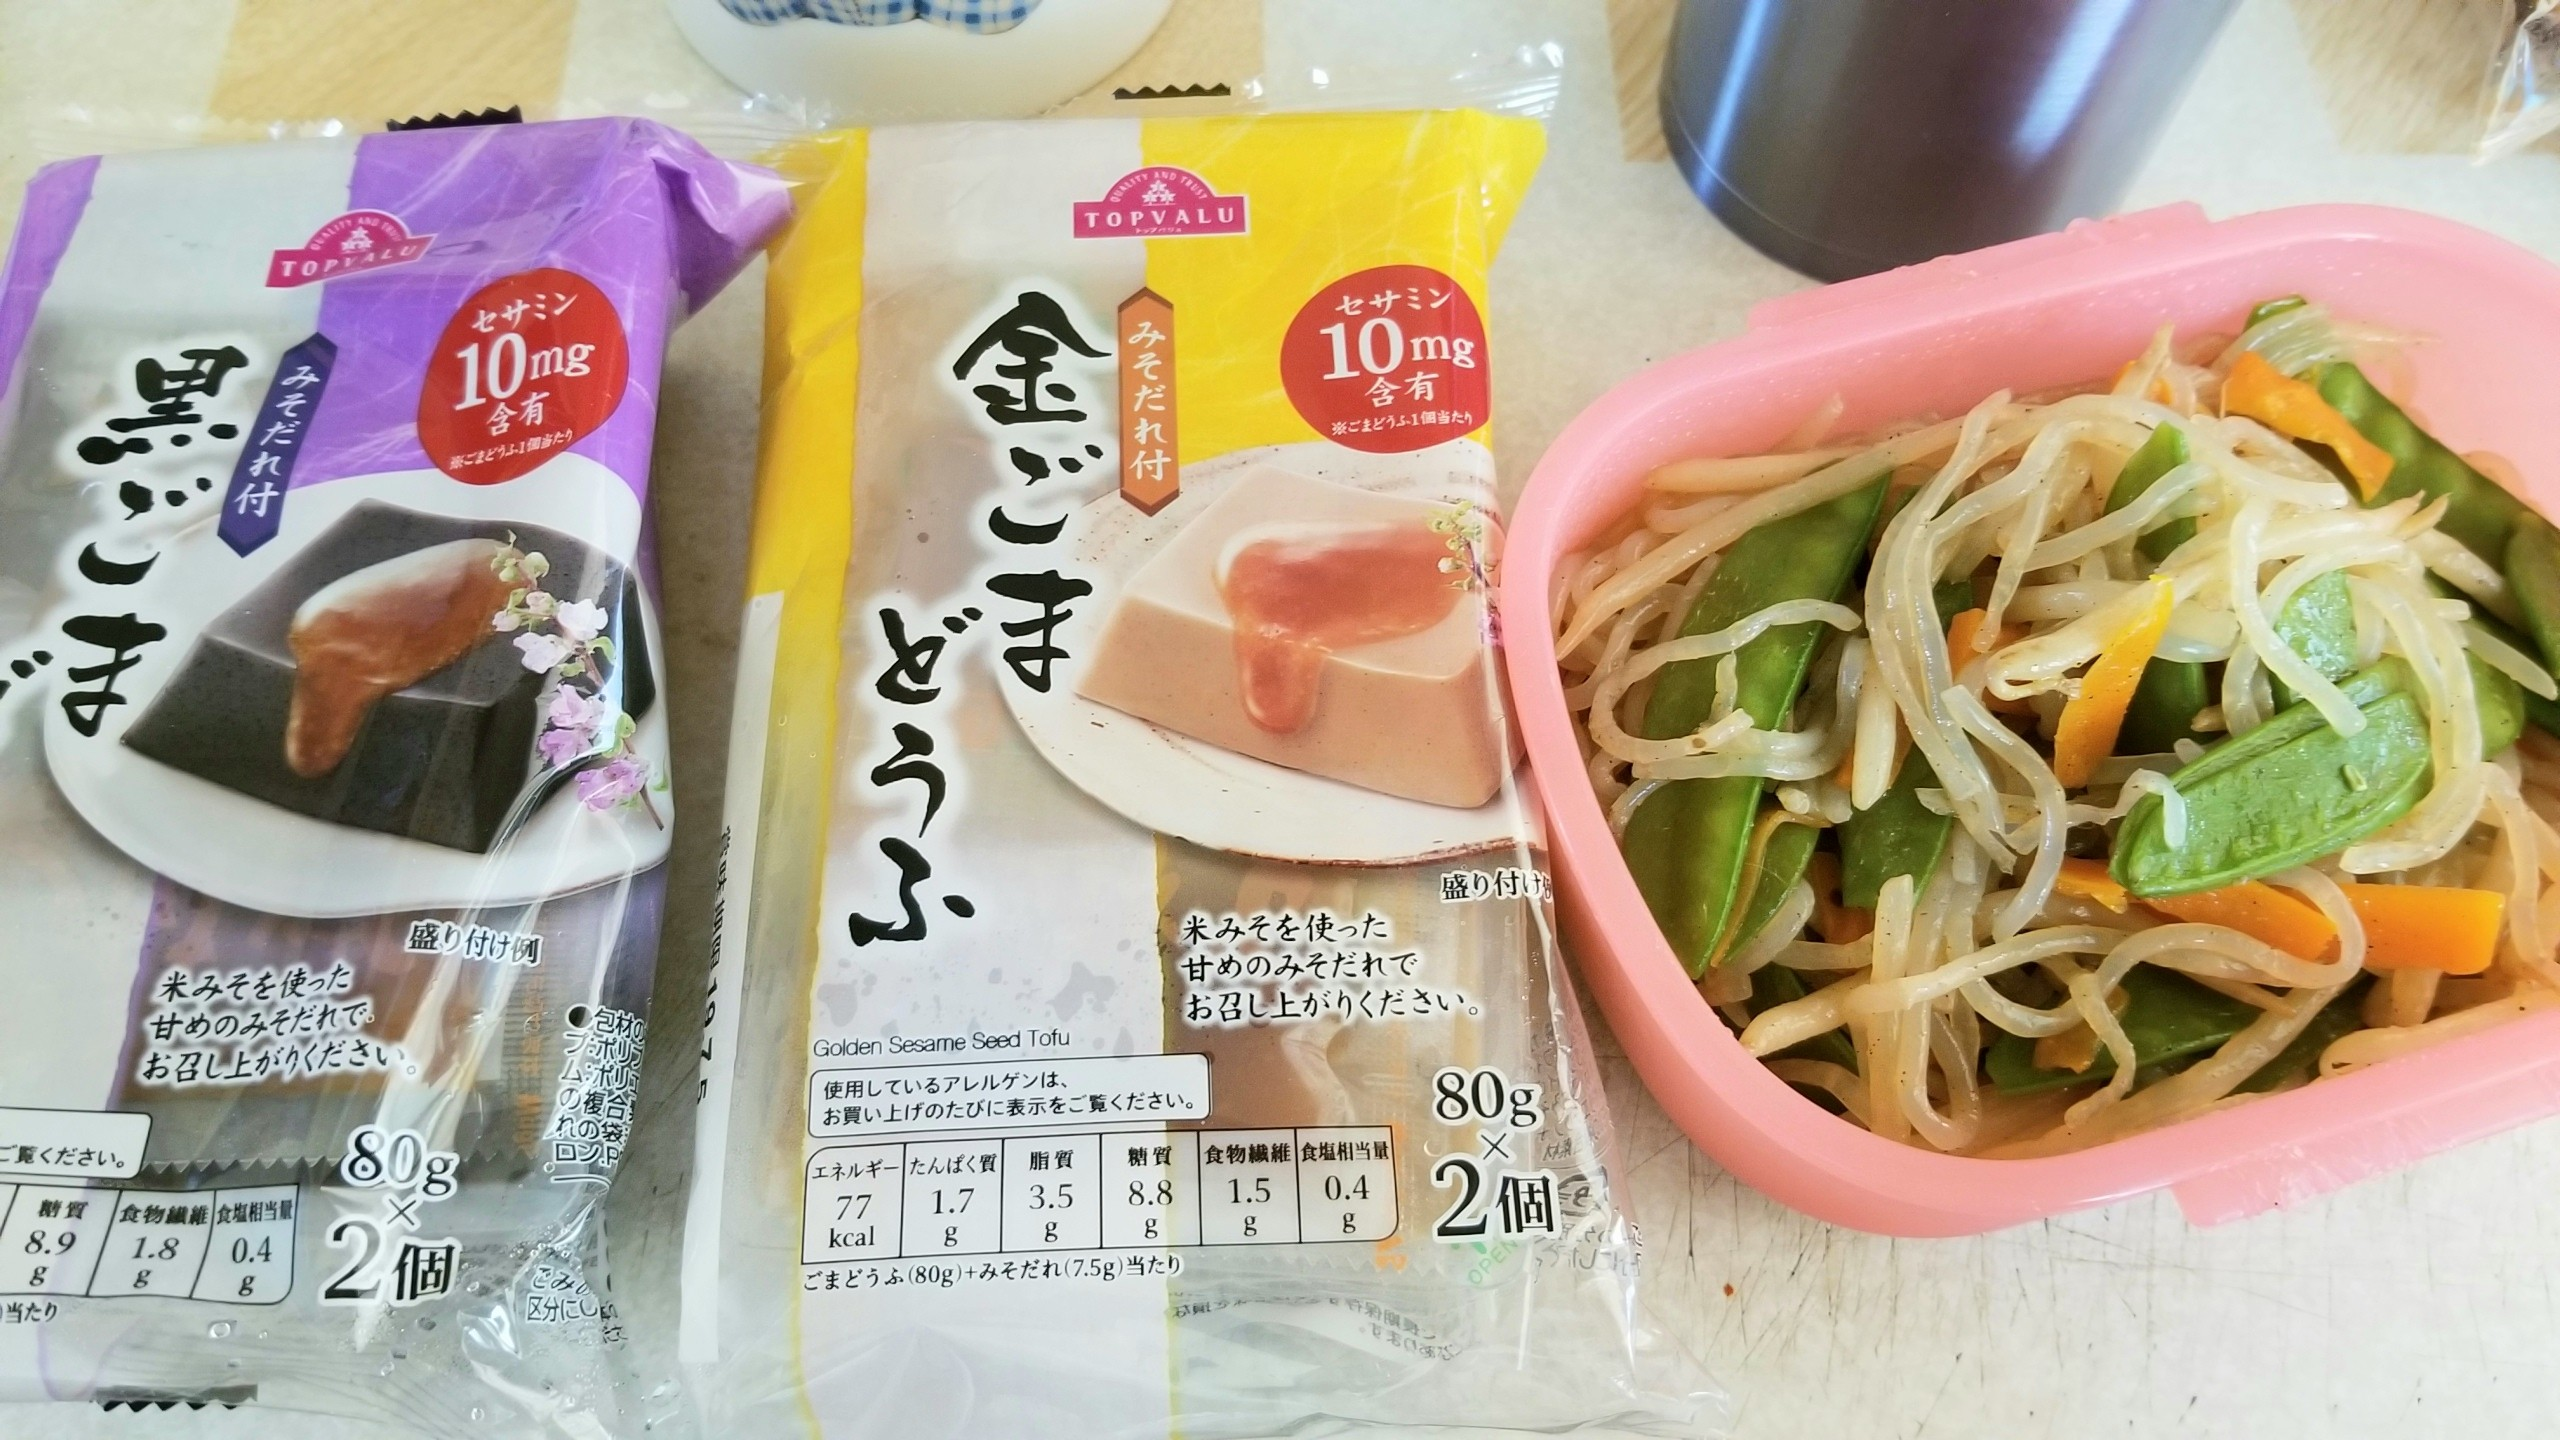 おば手料理ダイエットごまどうふ豆腐おすすめおいしい安い助かる